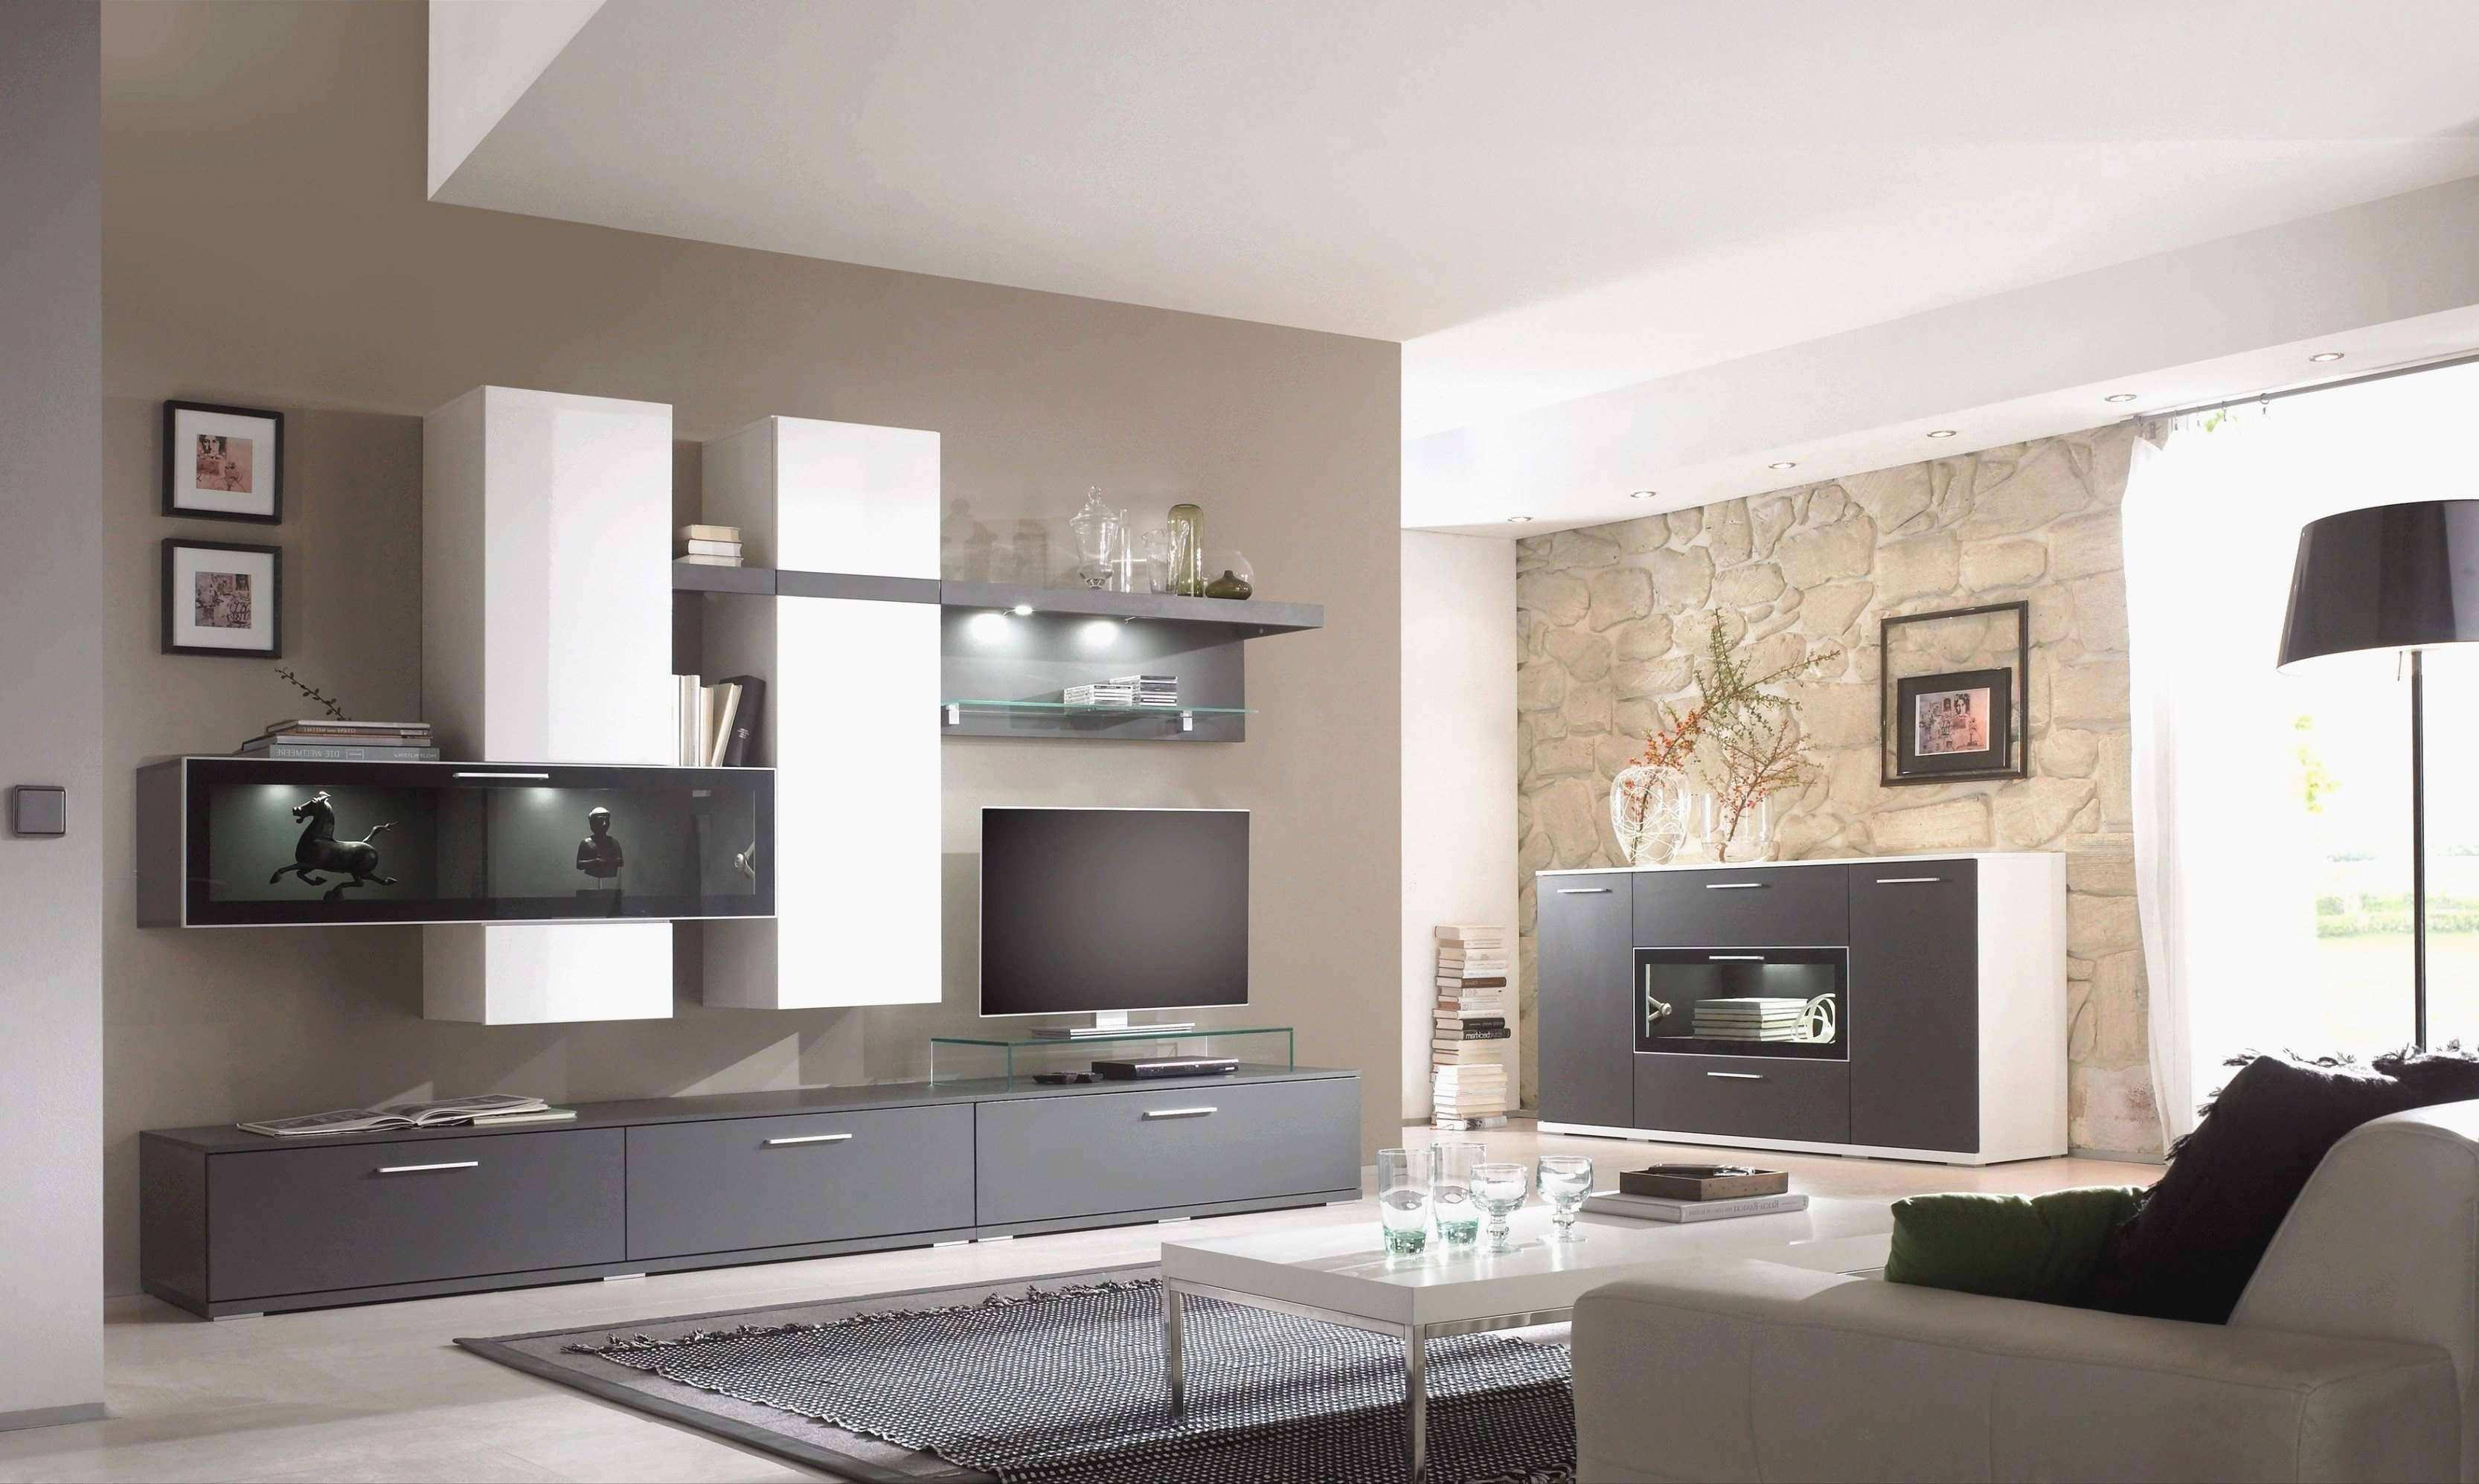 Wohnzimmer Ideen Landhaus Modern